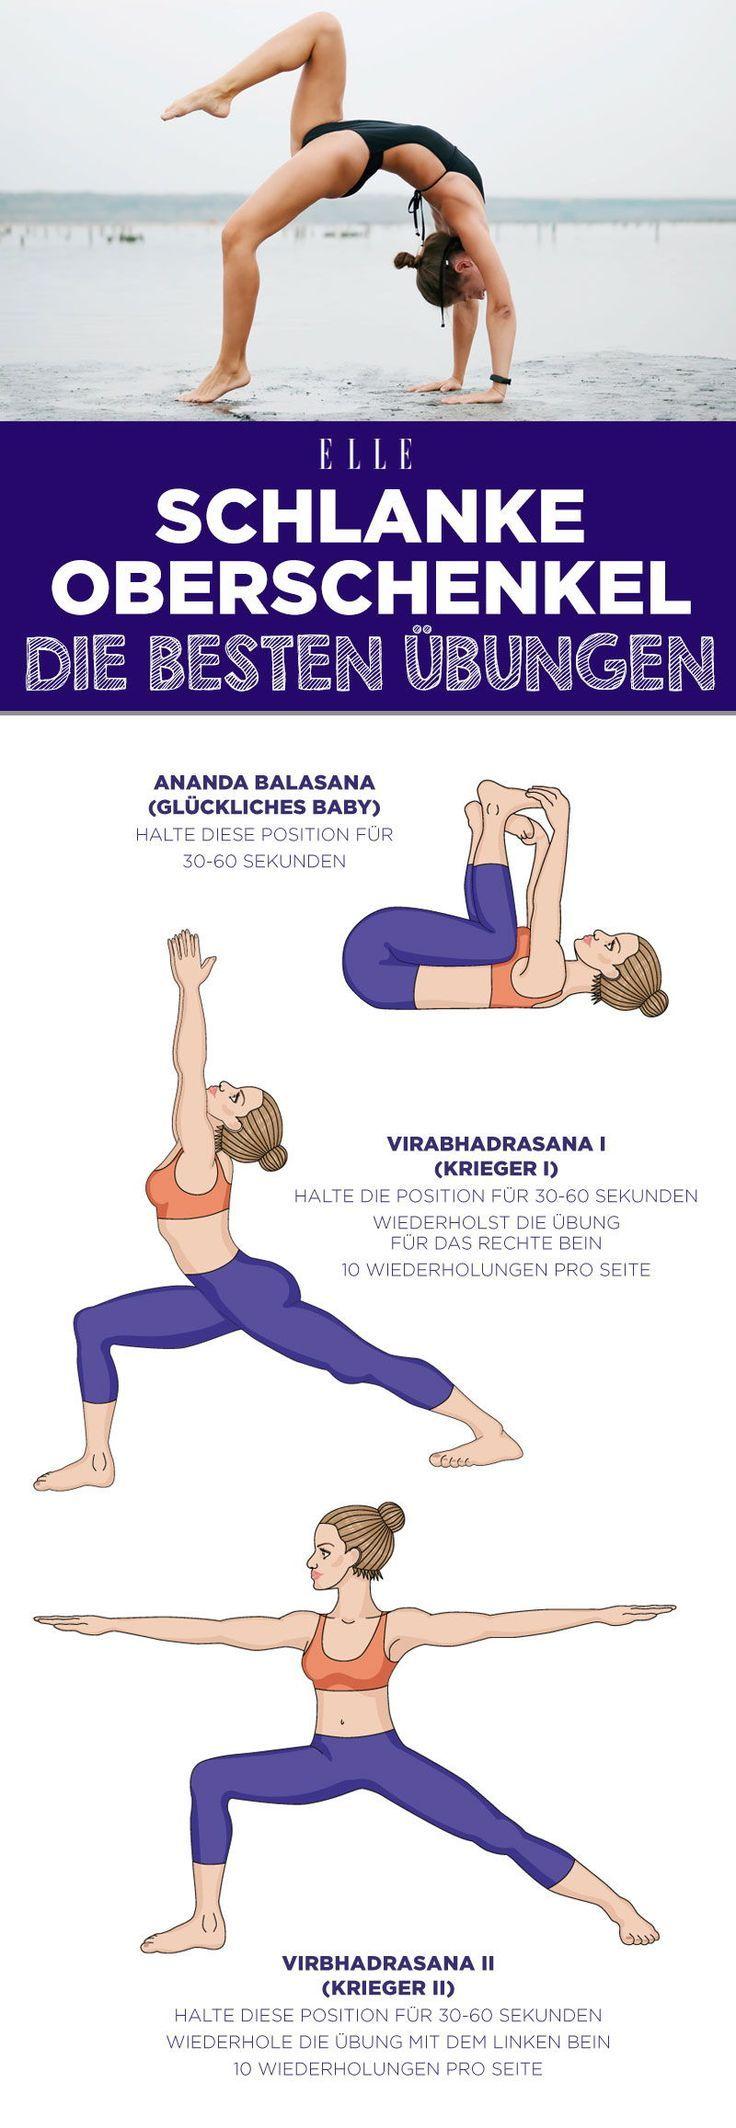 Schlanke Oberschenkel: 3 einfache Yoga-Übungen, die sofort helfen – ELLE Germany